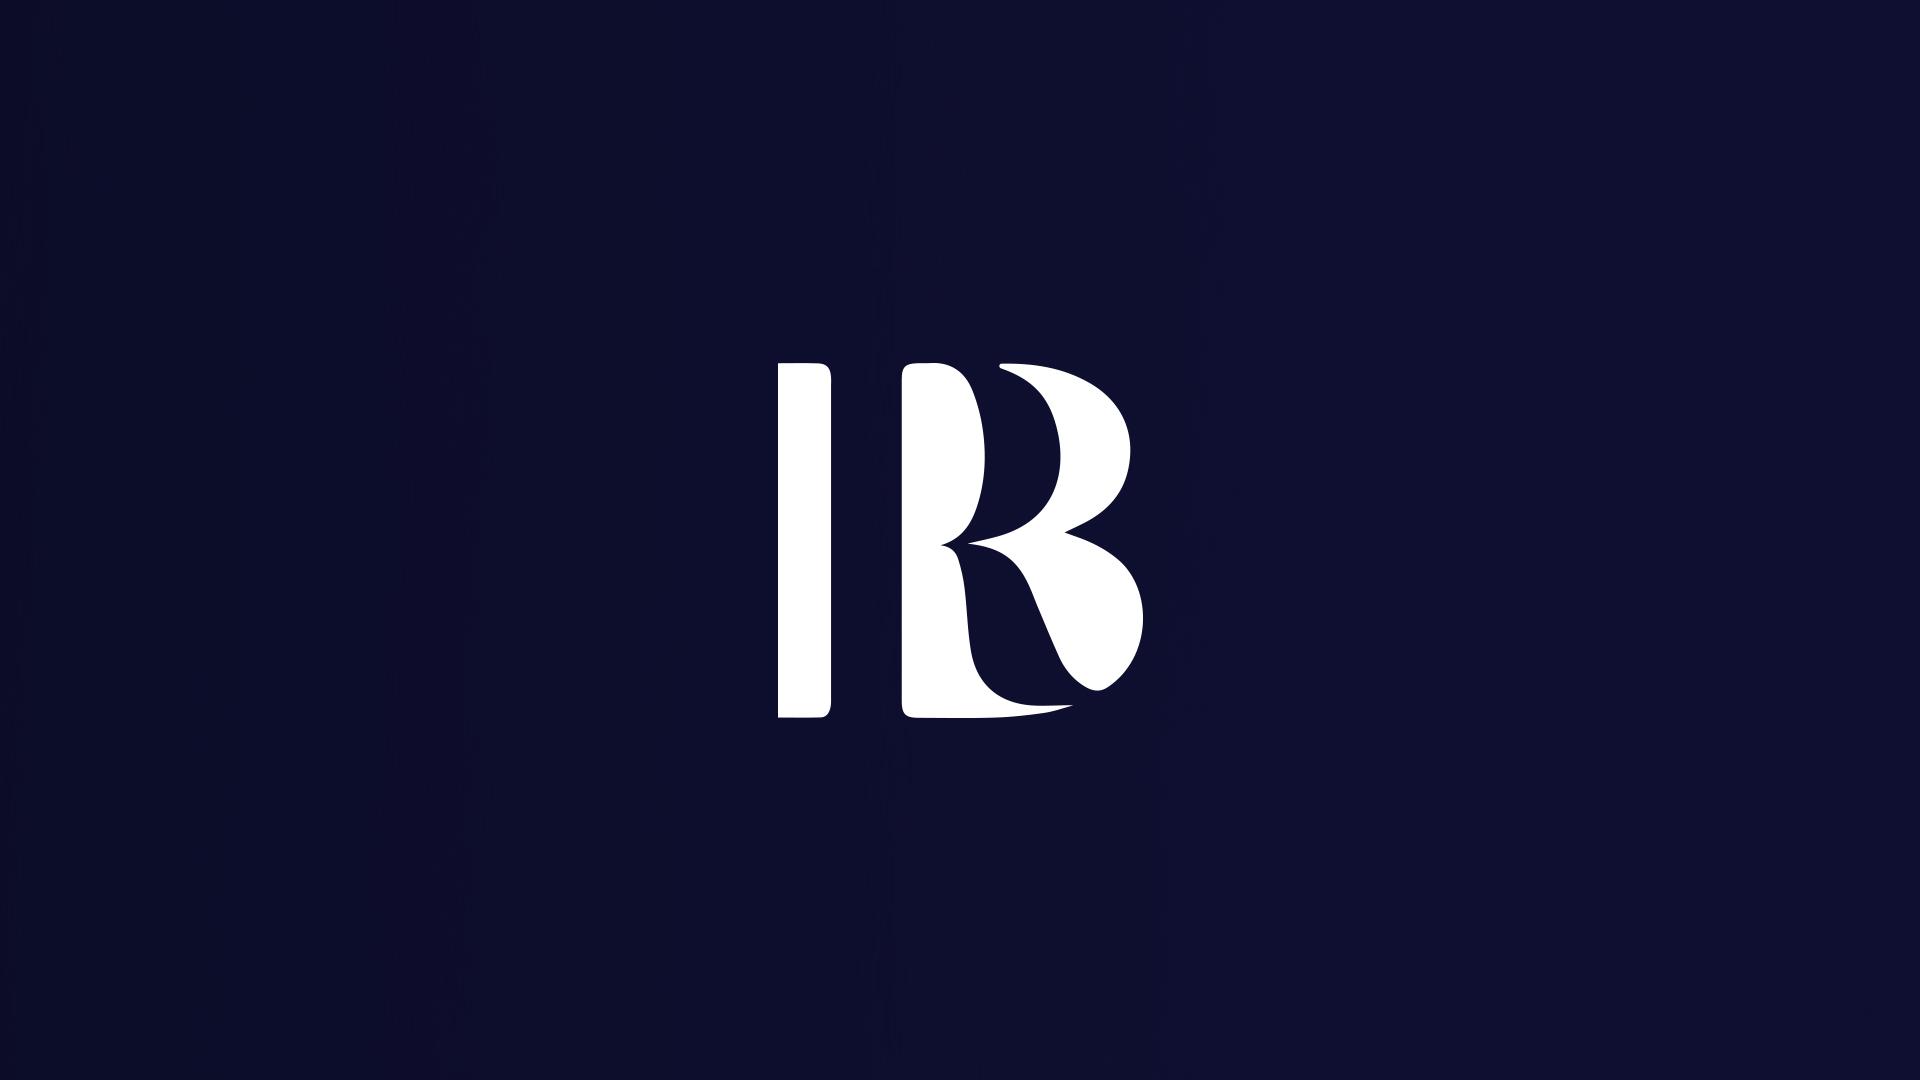 b-r-negative-space-logo